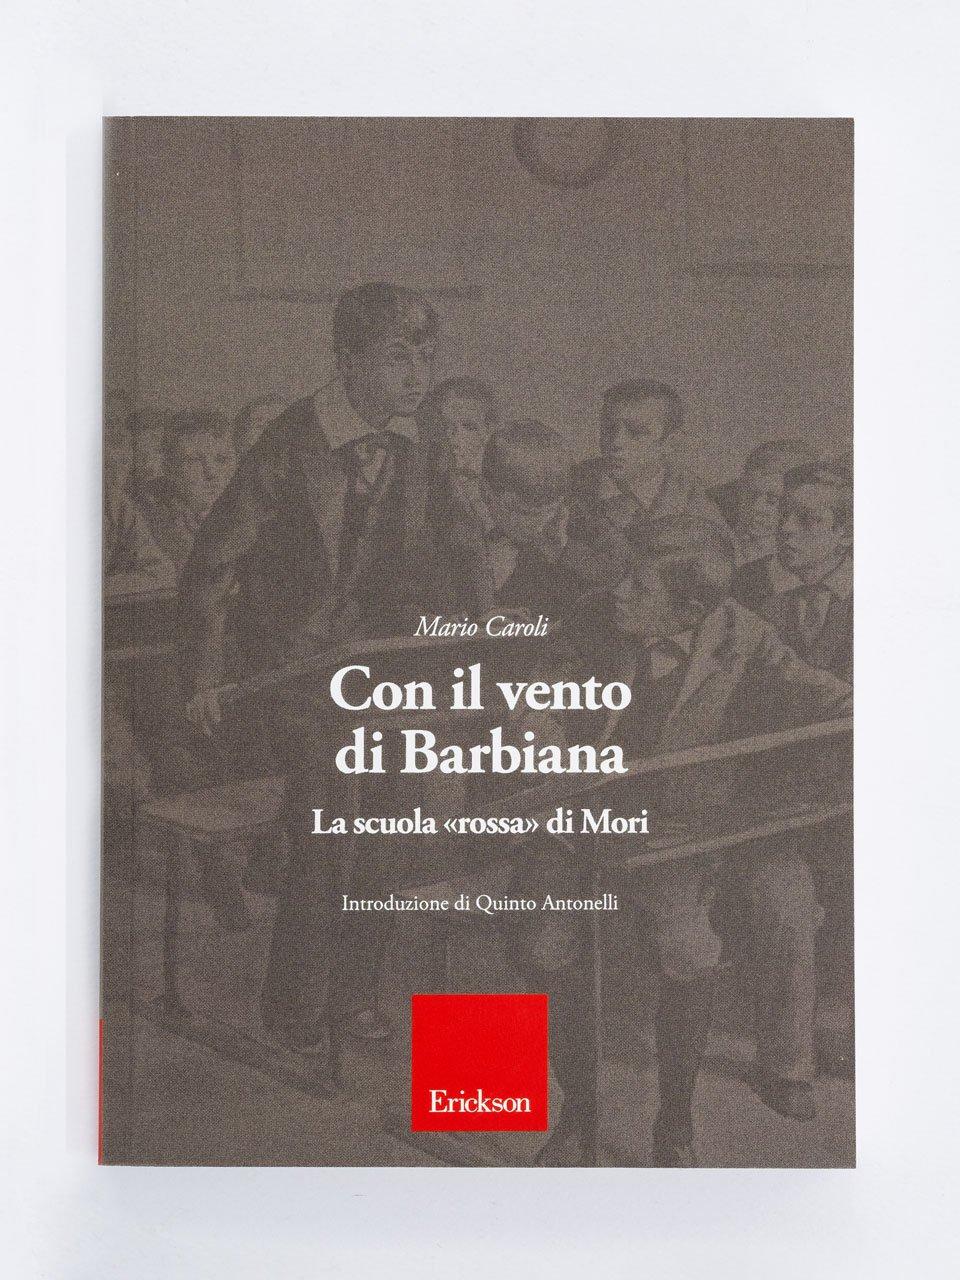 Con il vento di Barbiana - Conversazioni sull'educazione - Libri - Erickson